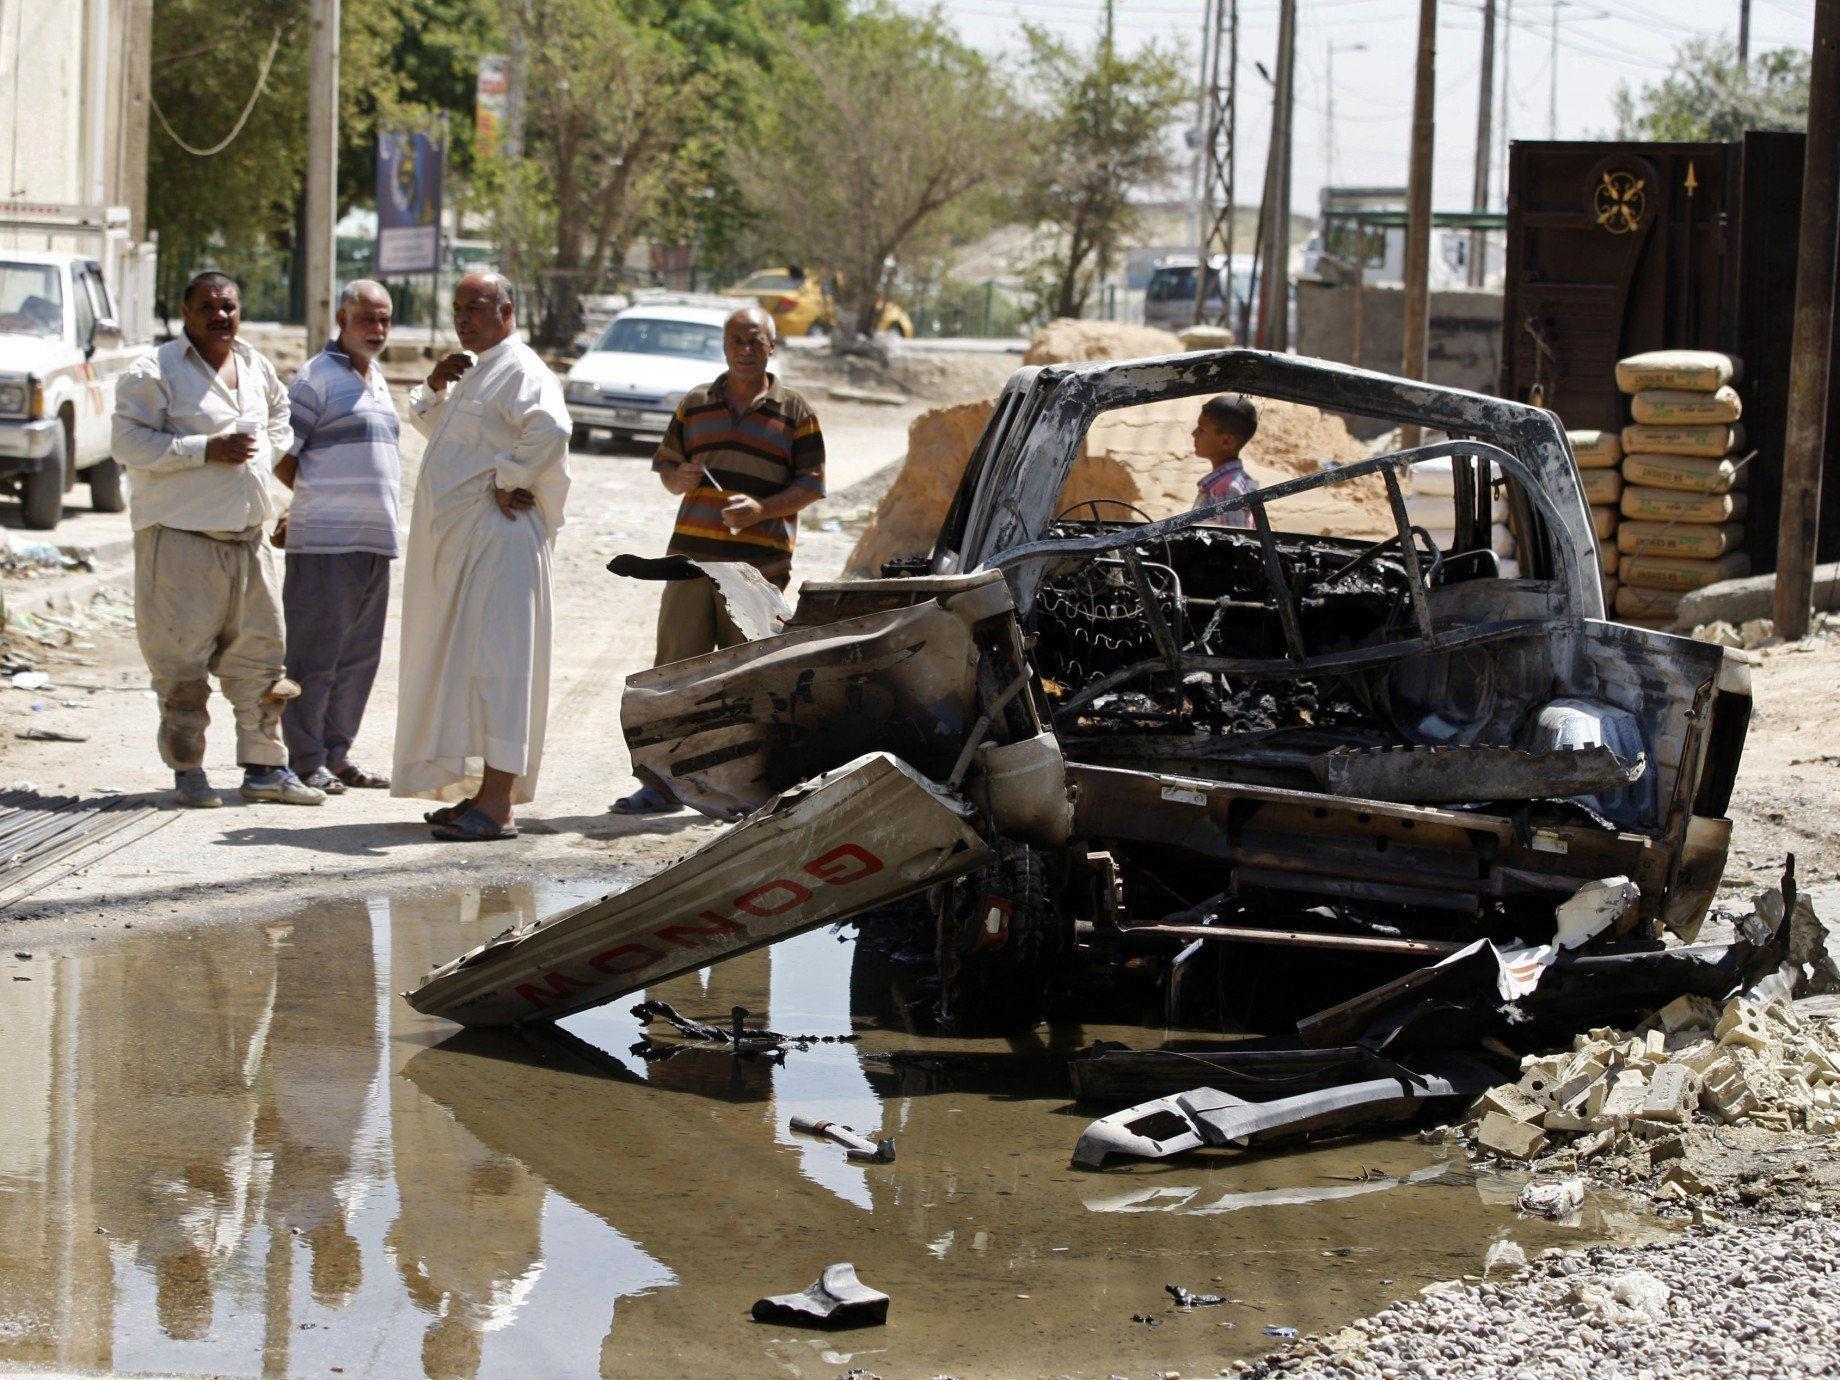 In den letzten Wochen kam es vermehrt zu Bombenanschlägen im Irak.